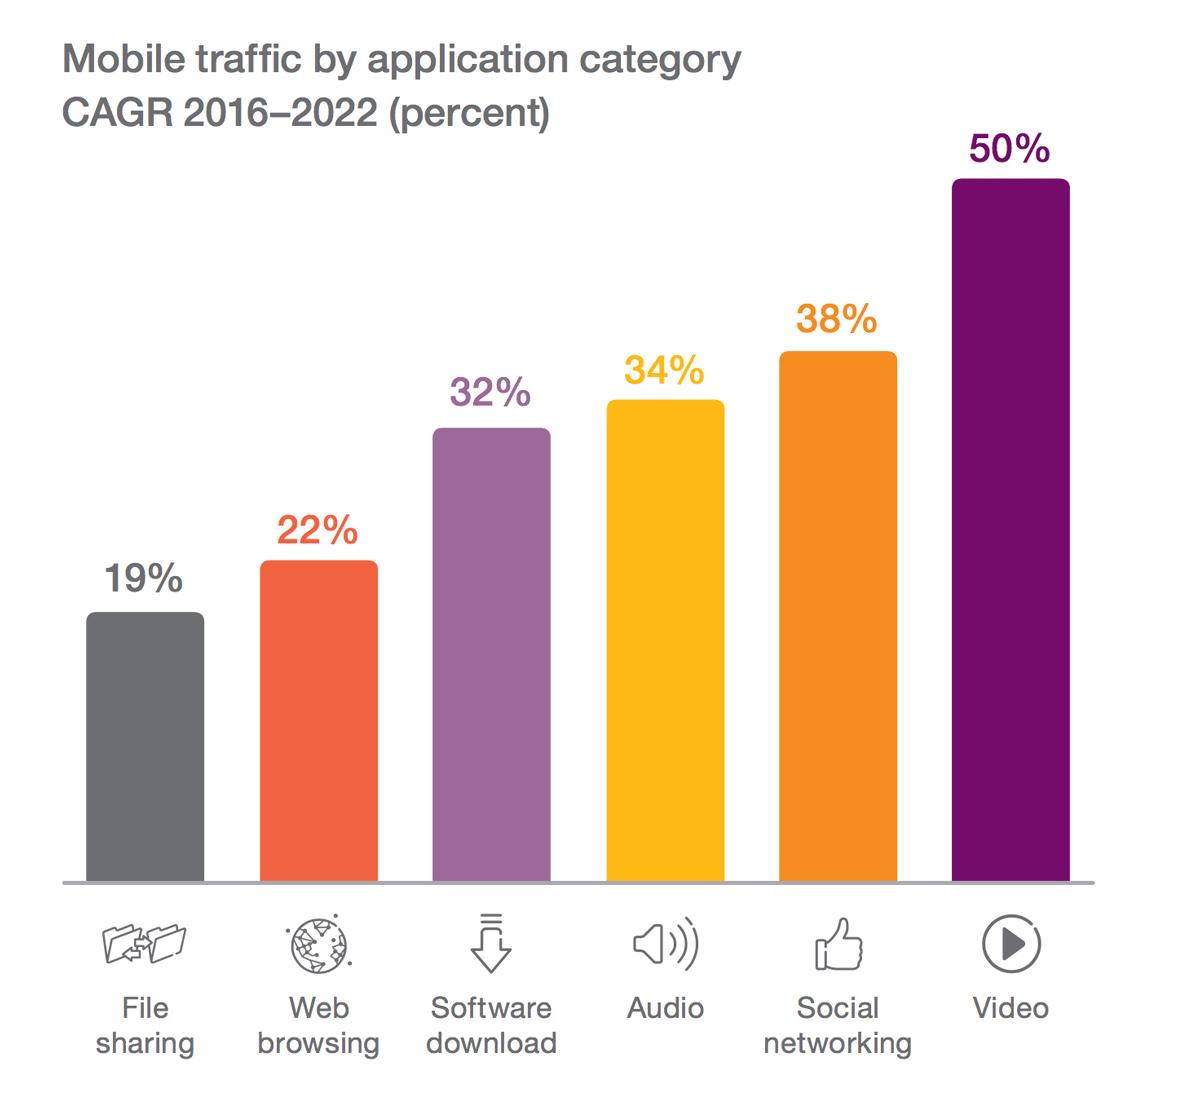 Ruch sieci mobilnej wg kategorii treści (2016-2022)